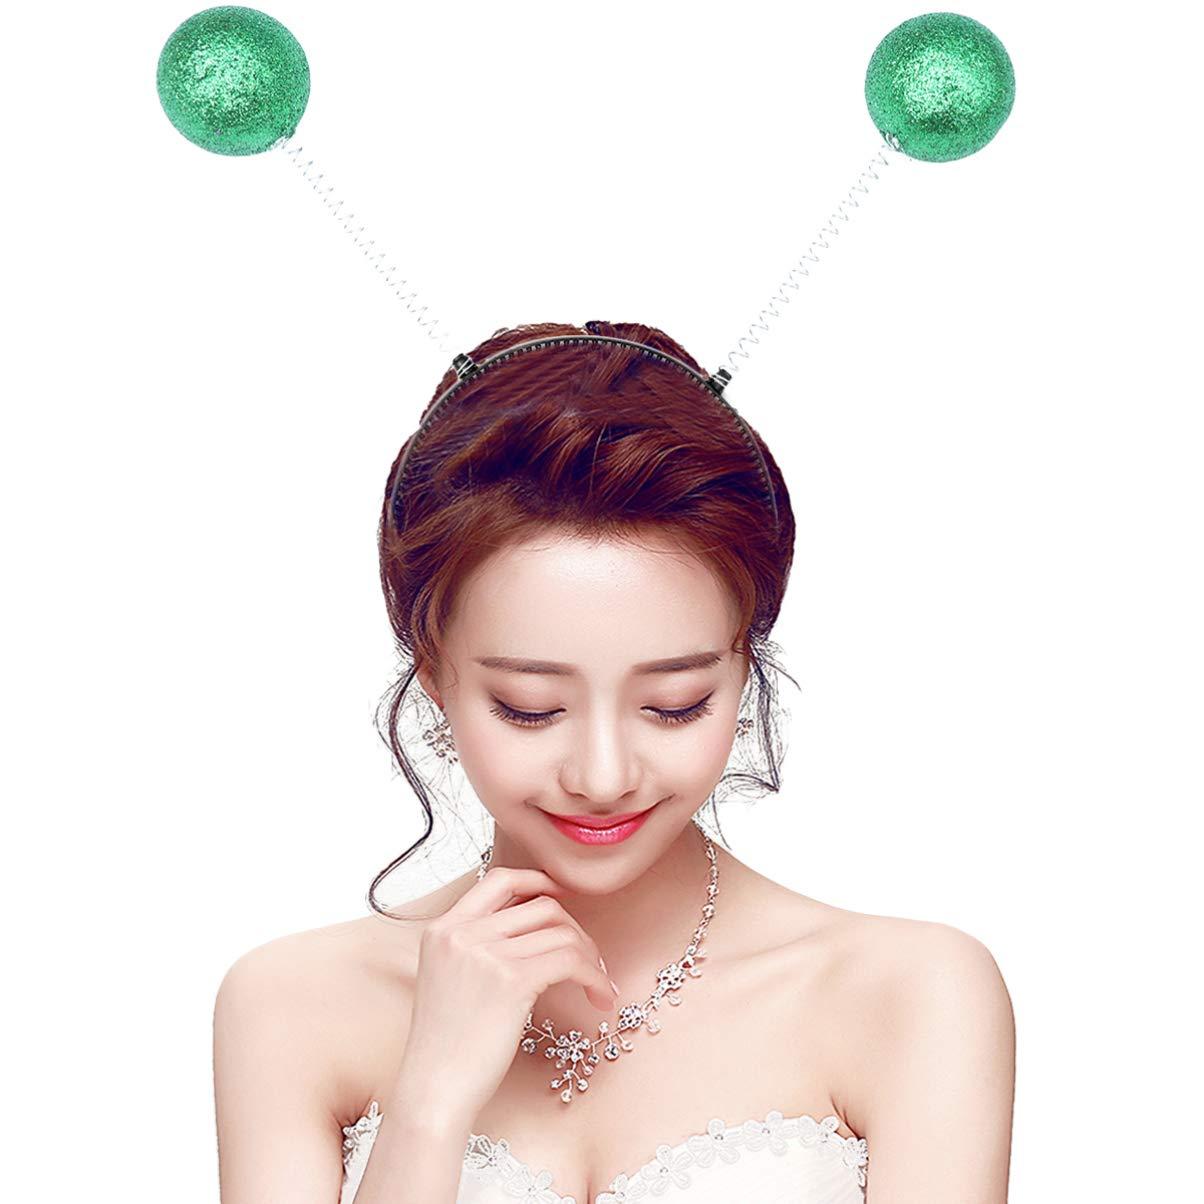 Holibanna puntelli foto di antenna martian boppers fascia in schiuma palla primavera aliena copricapo copricapo